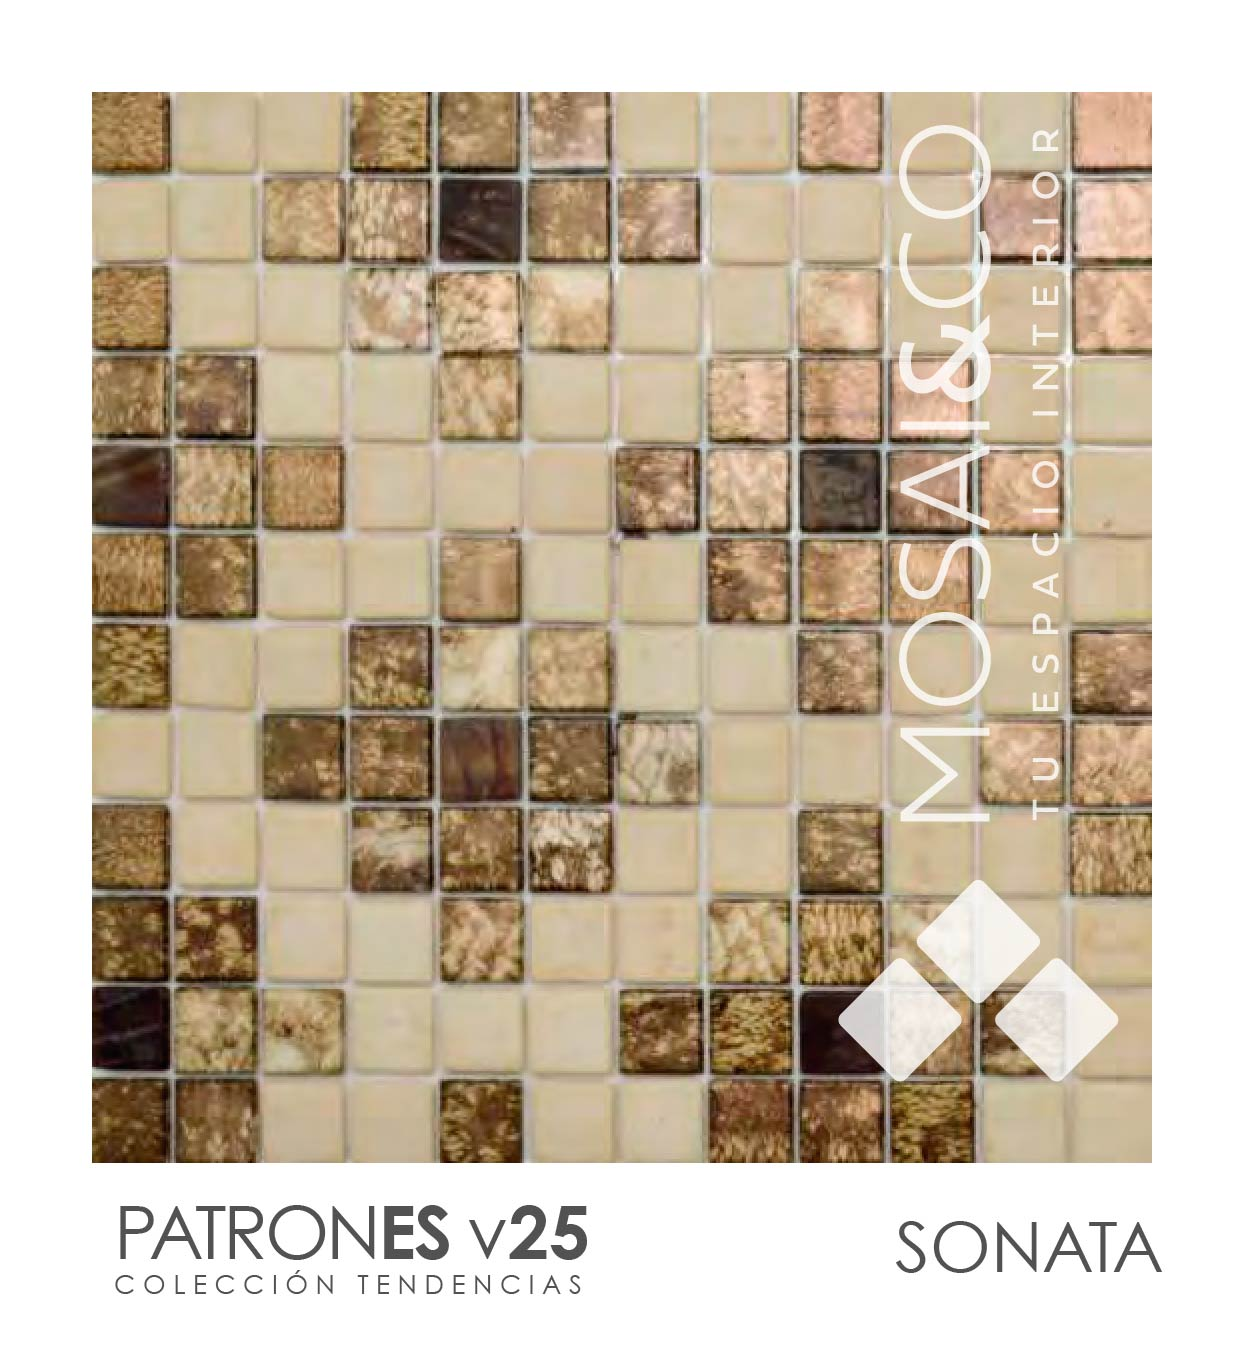 mosaico-decoracion-interiores-mosaiandco-coleccion-patrones-v25-_Mesa de trabajo 1 copia 50